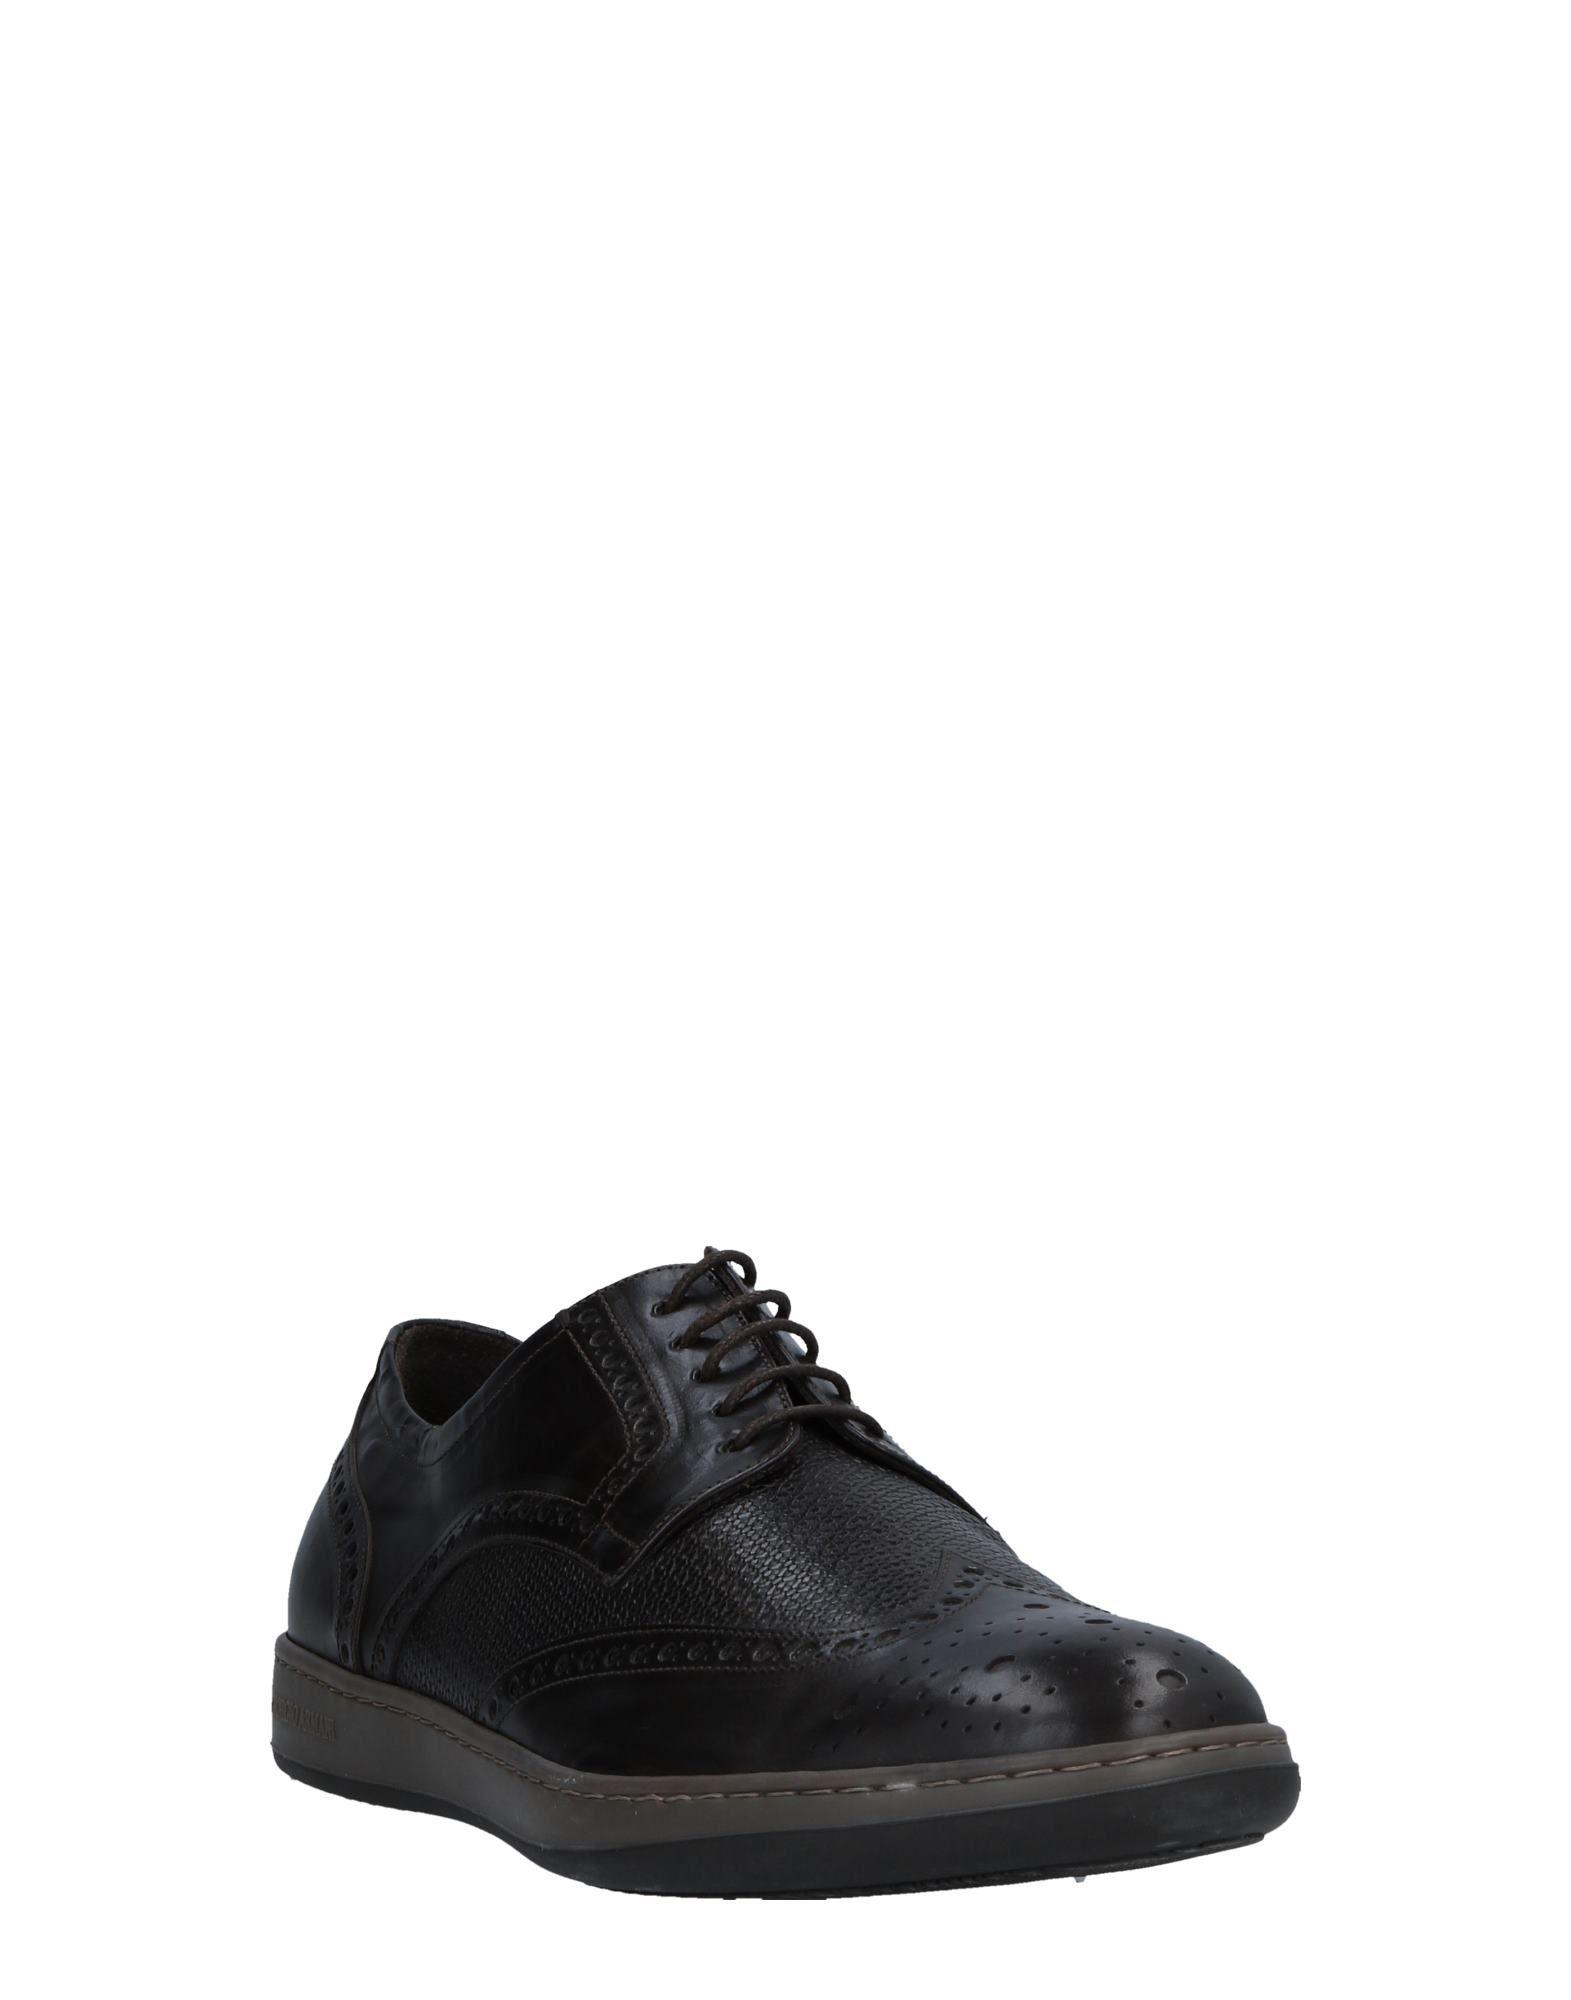 Giorgio Armani Schnürschuhe Herren  11517481GB Gute Qualität beliebte Schuhe